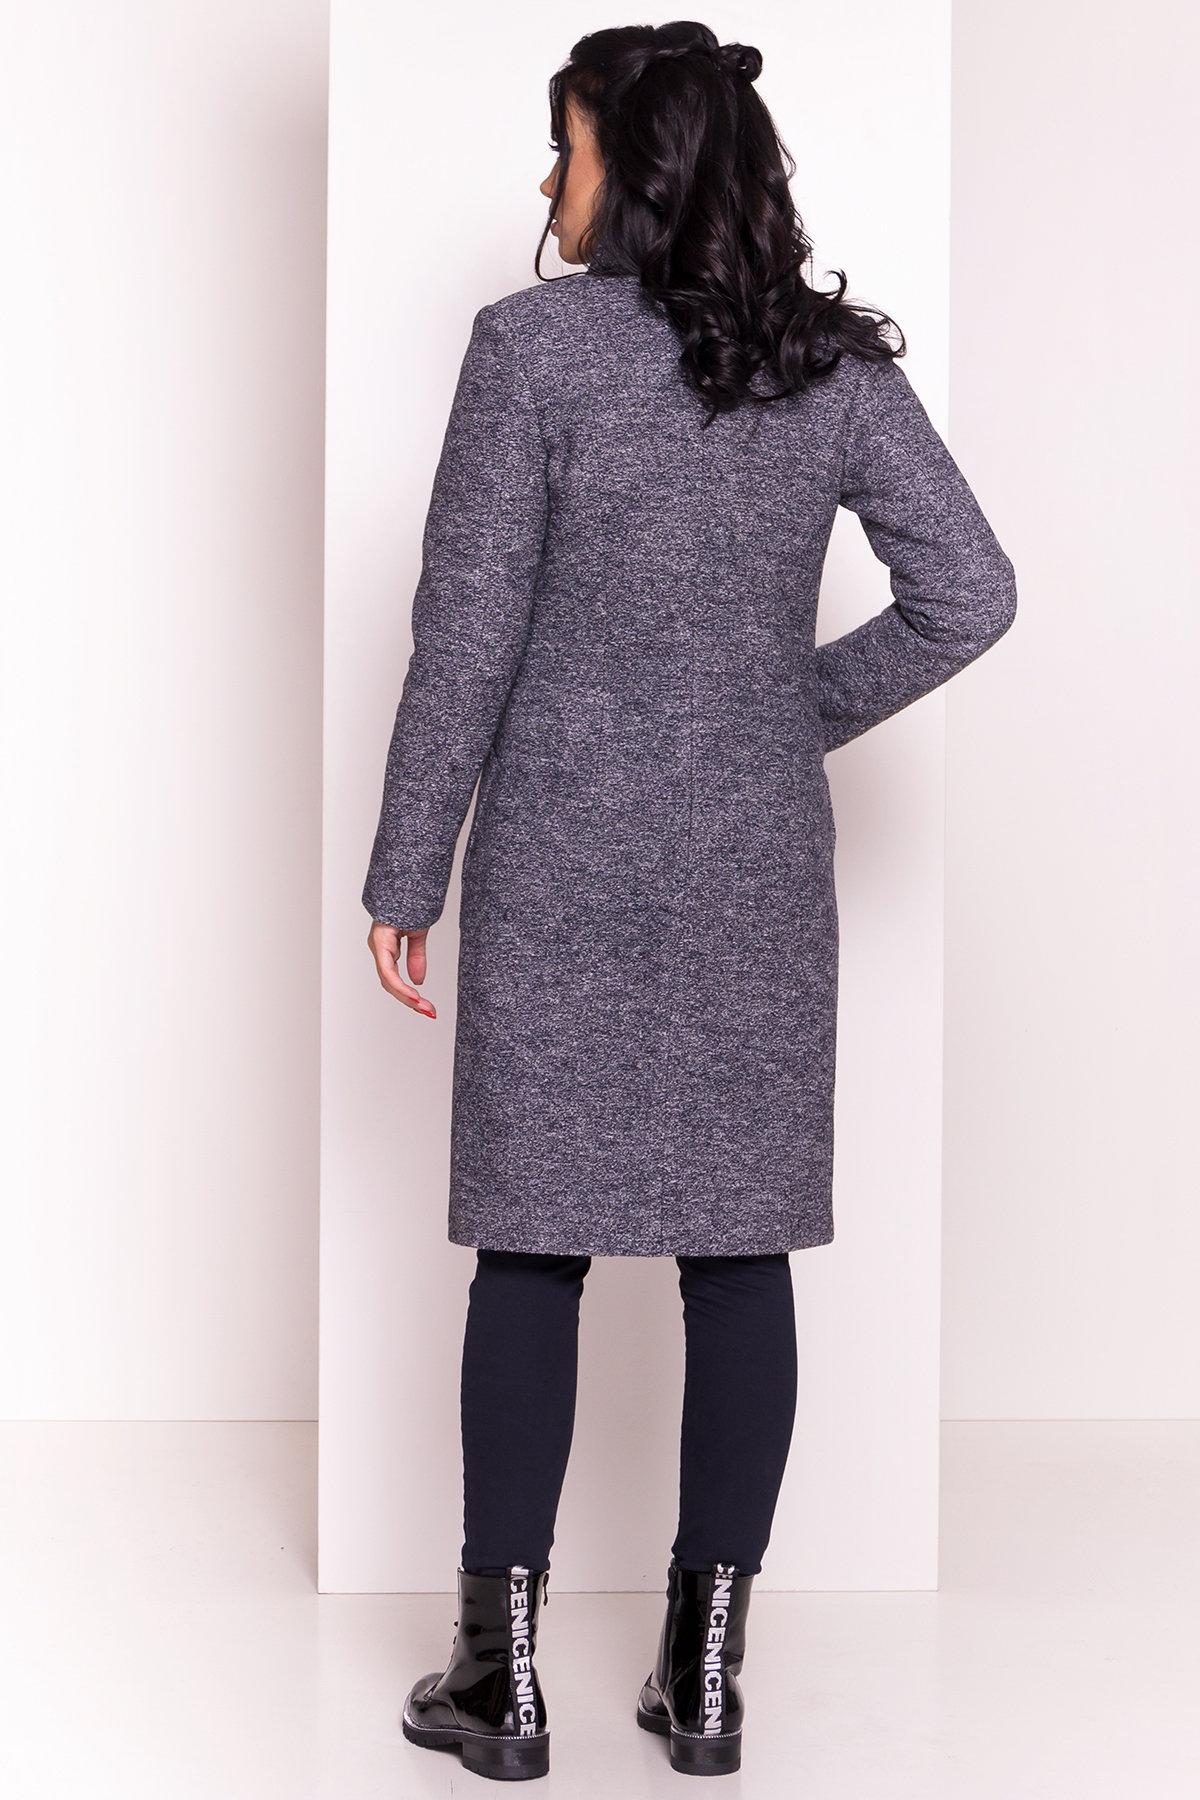 Пальто Габриэлла 4224 АРТ. 20835 Цвет: Серый темный LW-22 - фото 6, интернет магазин tm-modus.ru